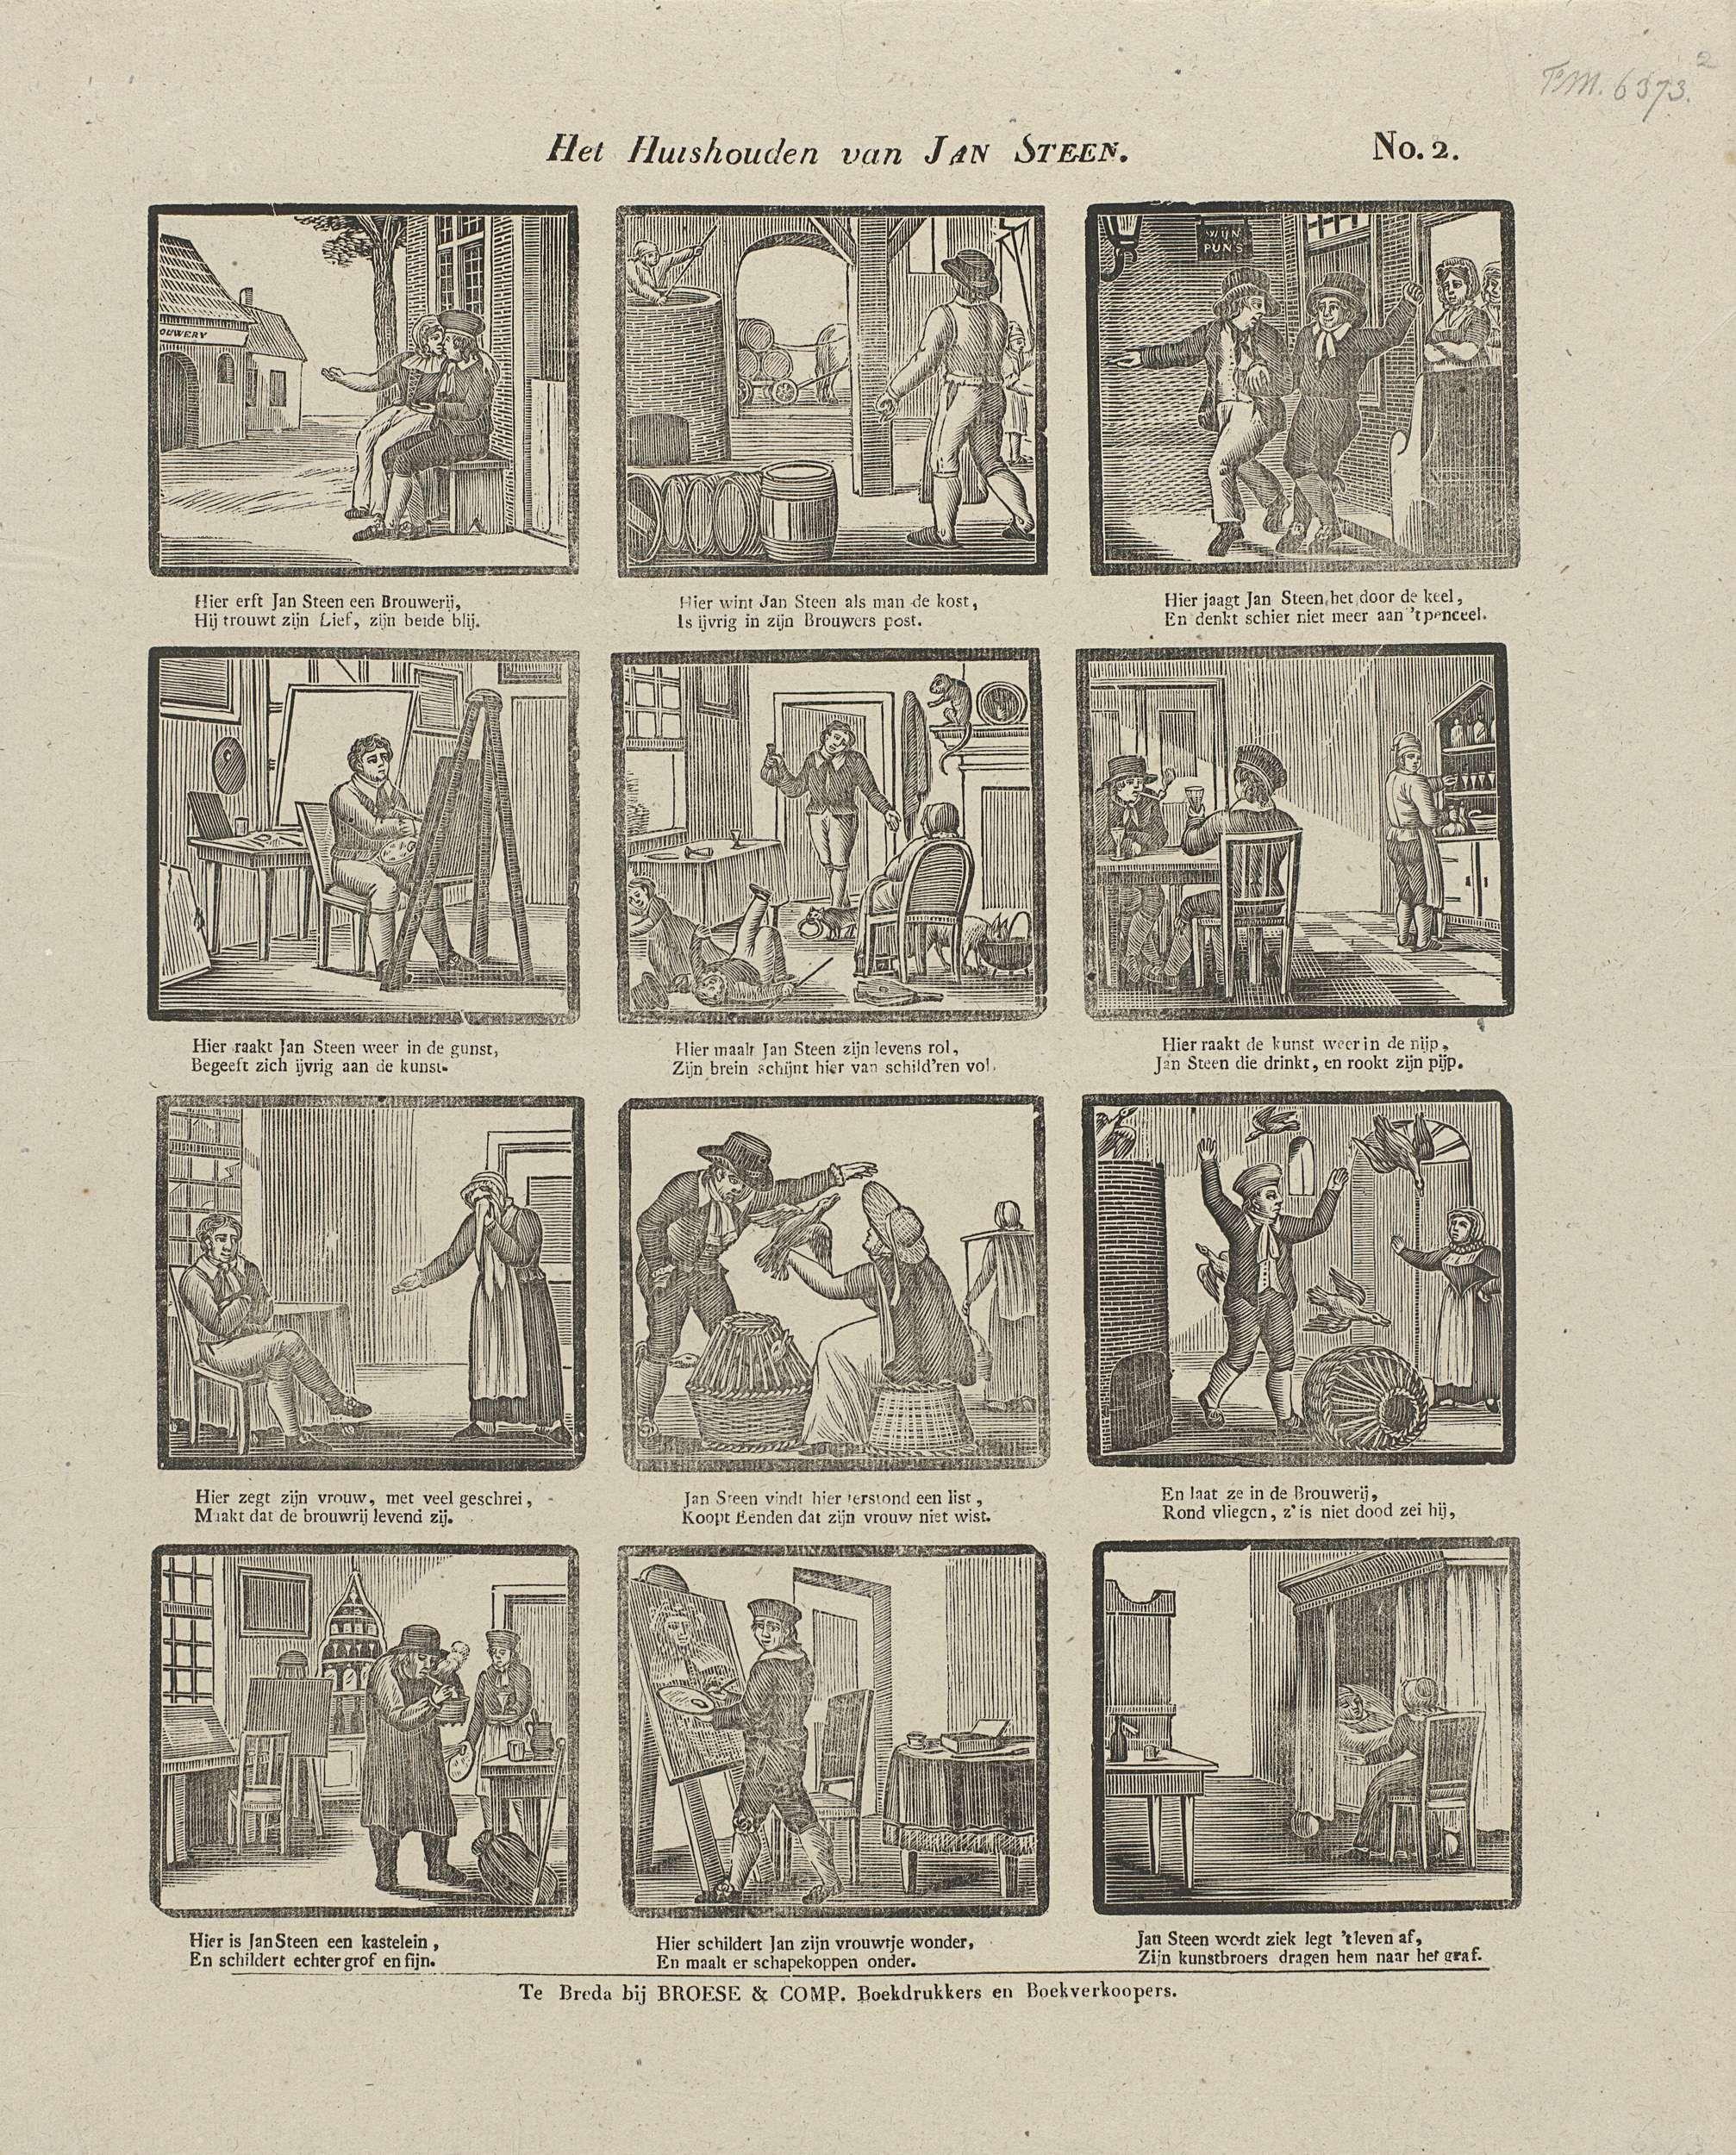 Broese & Comp. | Het huishouden van Jan Steen, Broese & Comp., Anonymous, 1828 - 1853 | Blad met 12 voorstellingen uit het huishouden van Jan Steen. Jan schildert, heeft een brouwerij, koopt eenden en sterft. Onder elke voorstelling een tweeregelig vers. Genummerd rechtsboven: No. 2.